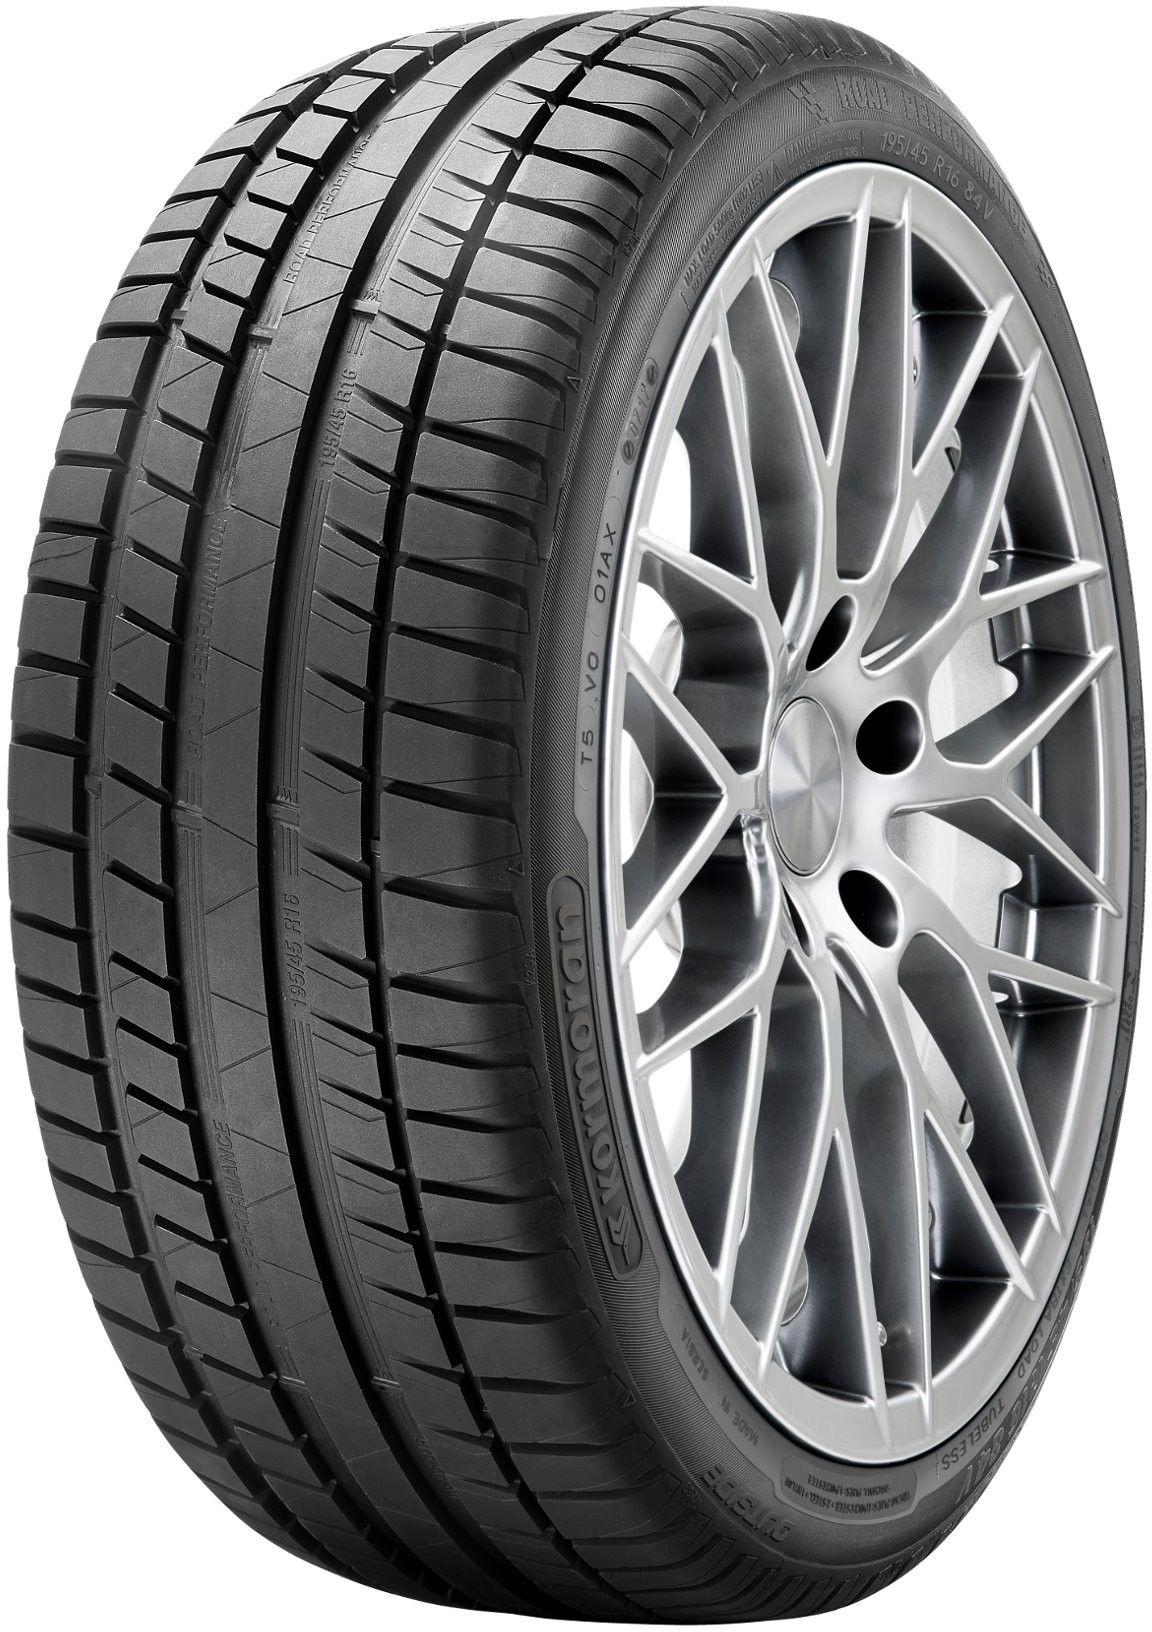 Kormoran Road Performance 195/65R15 91 V